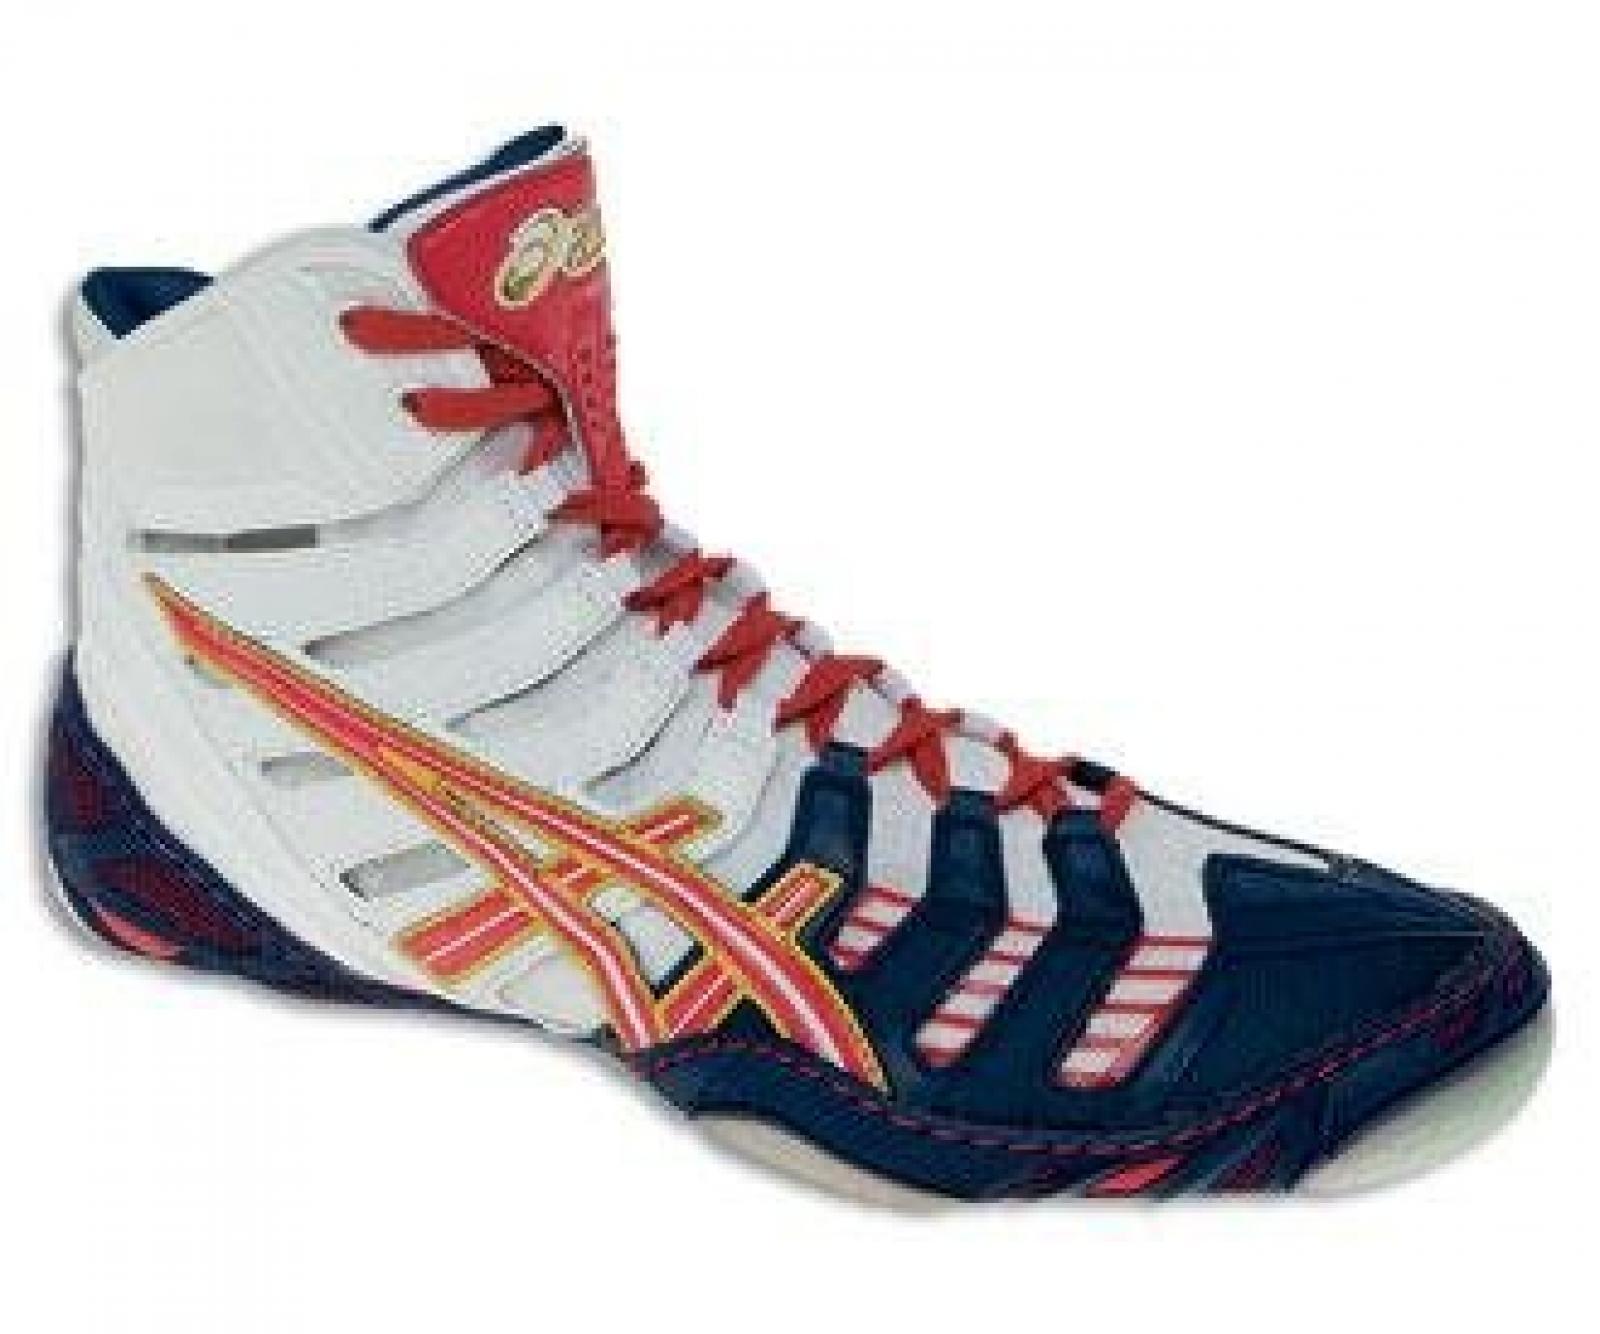 Asics - - Männer Omniflex Pursuit Schuhe